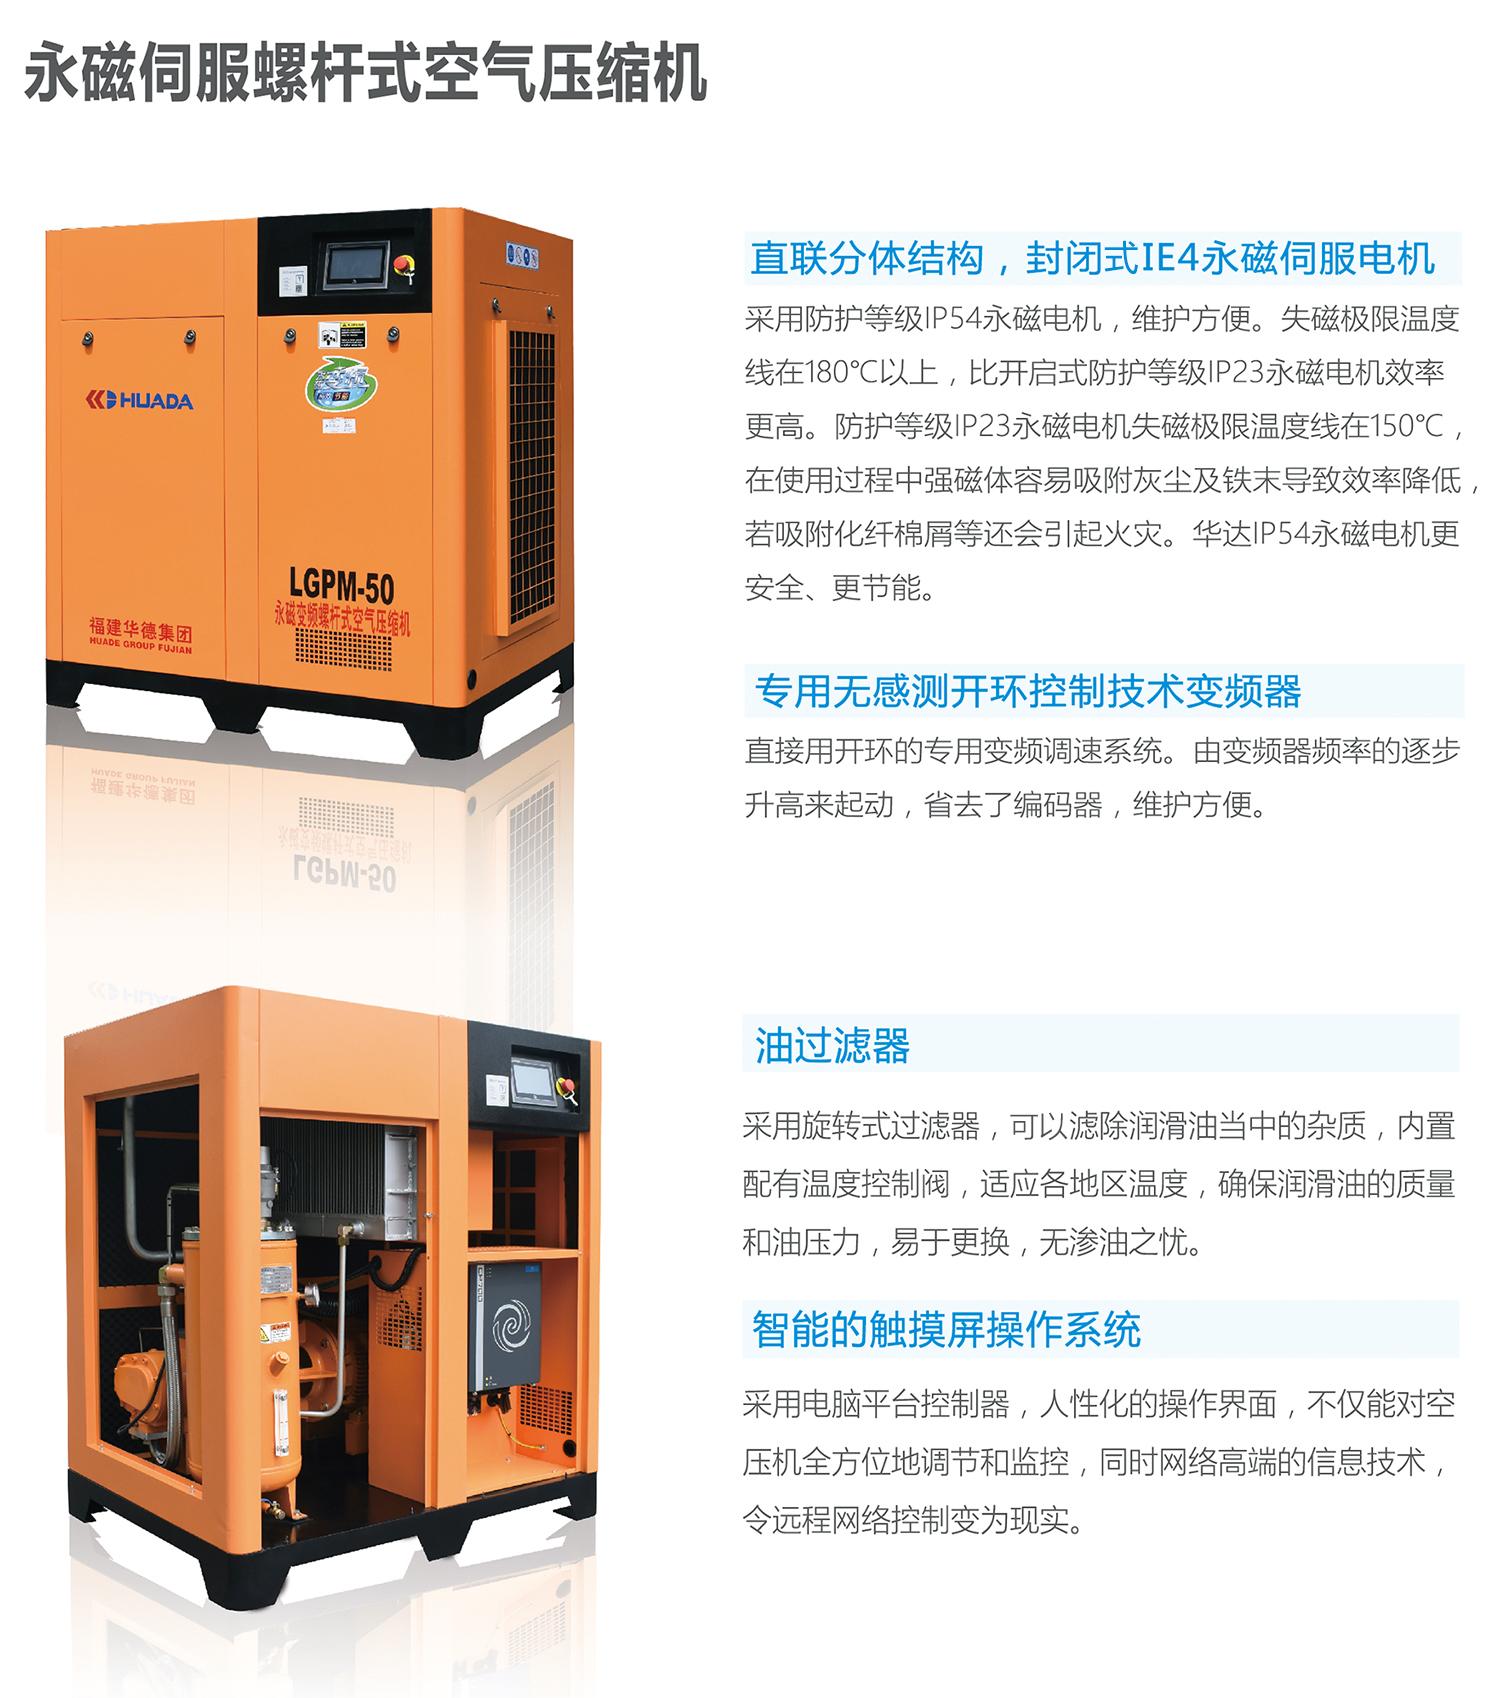 永磁伺服螺杆式空气压缩机